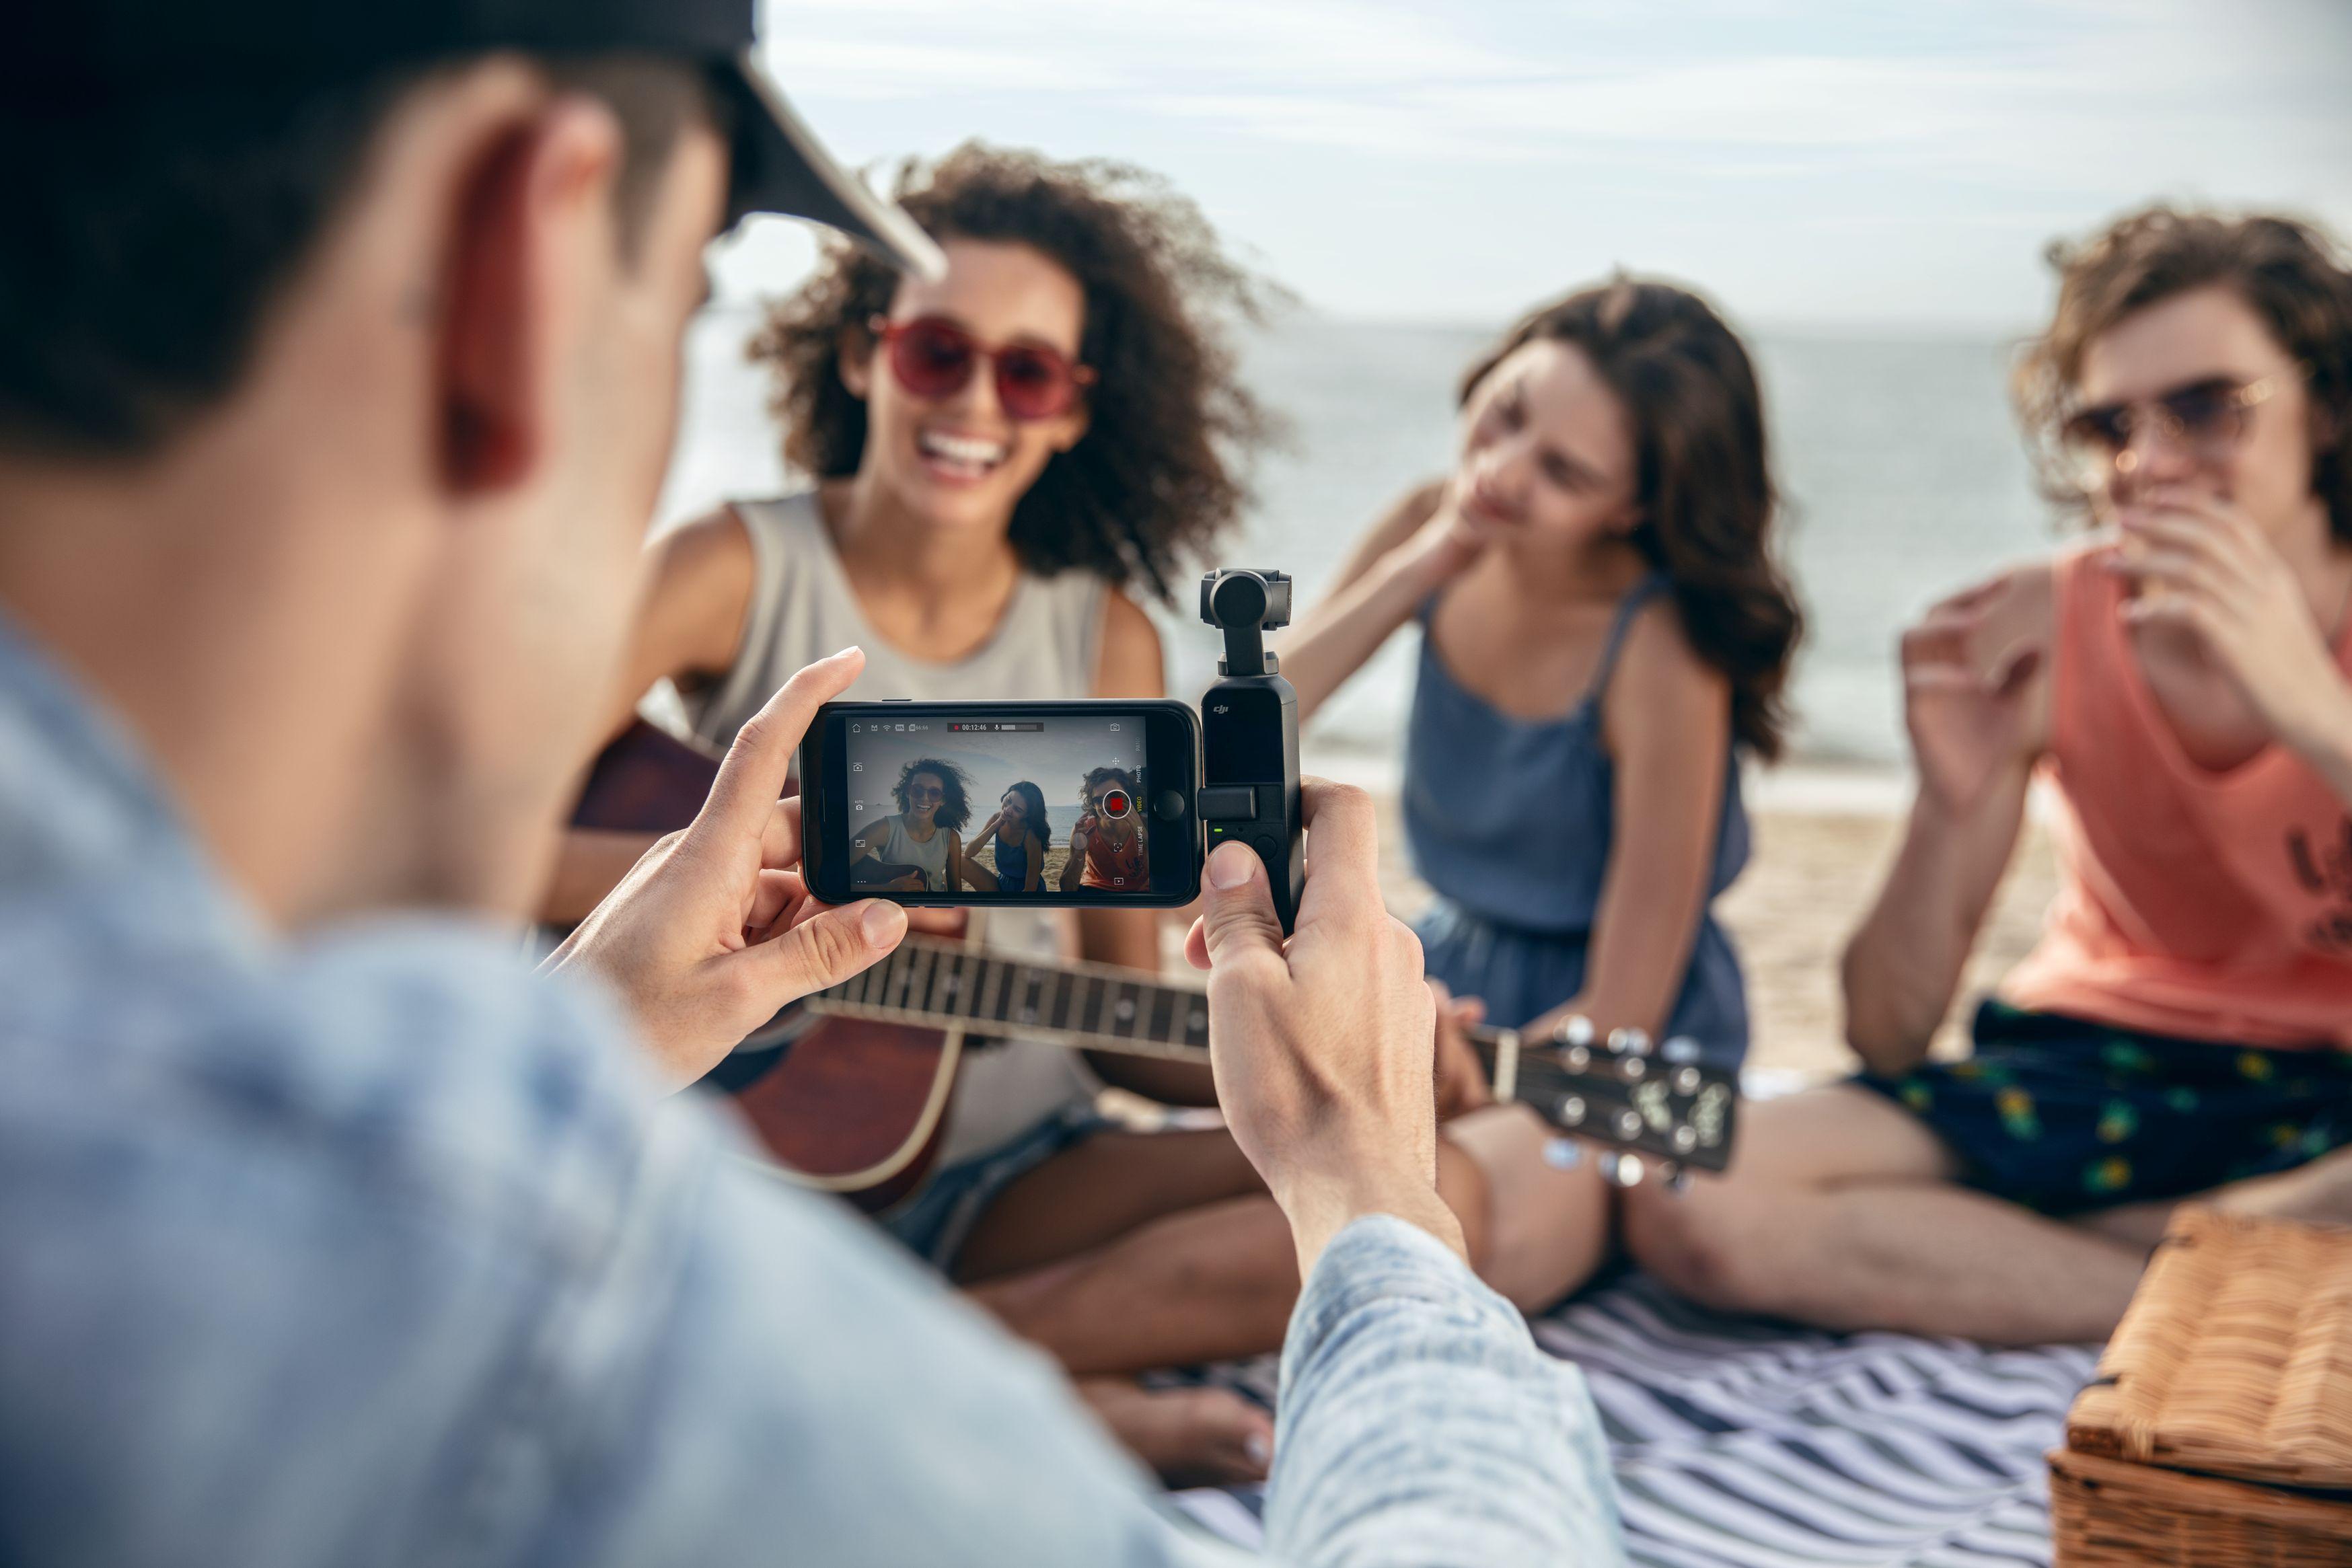 เก็บช่วงเวลาประทับใจง่ายๆ ด้วยกล้องพกพา DJI Osmo Pocket 1